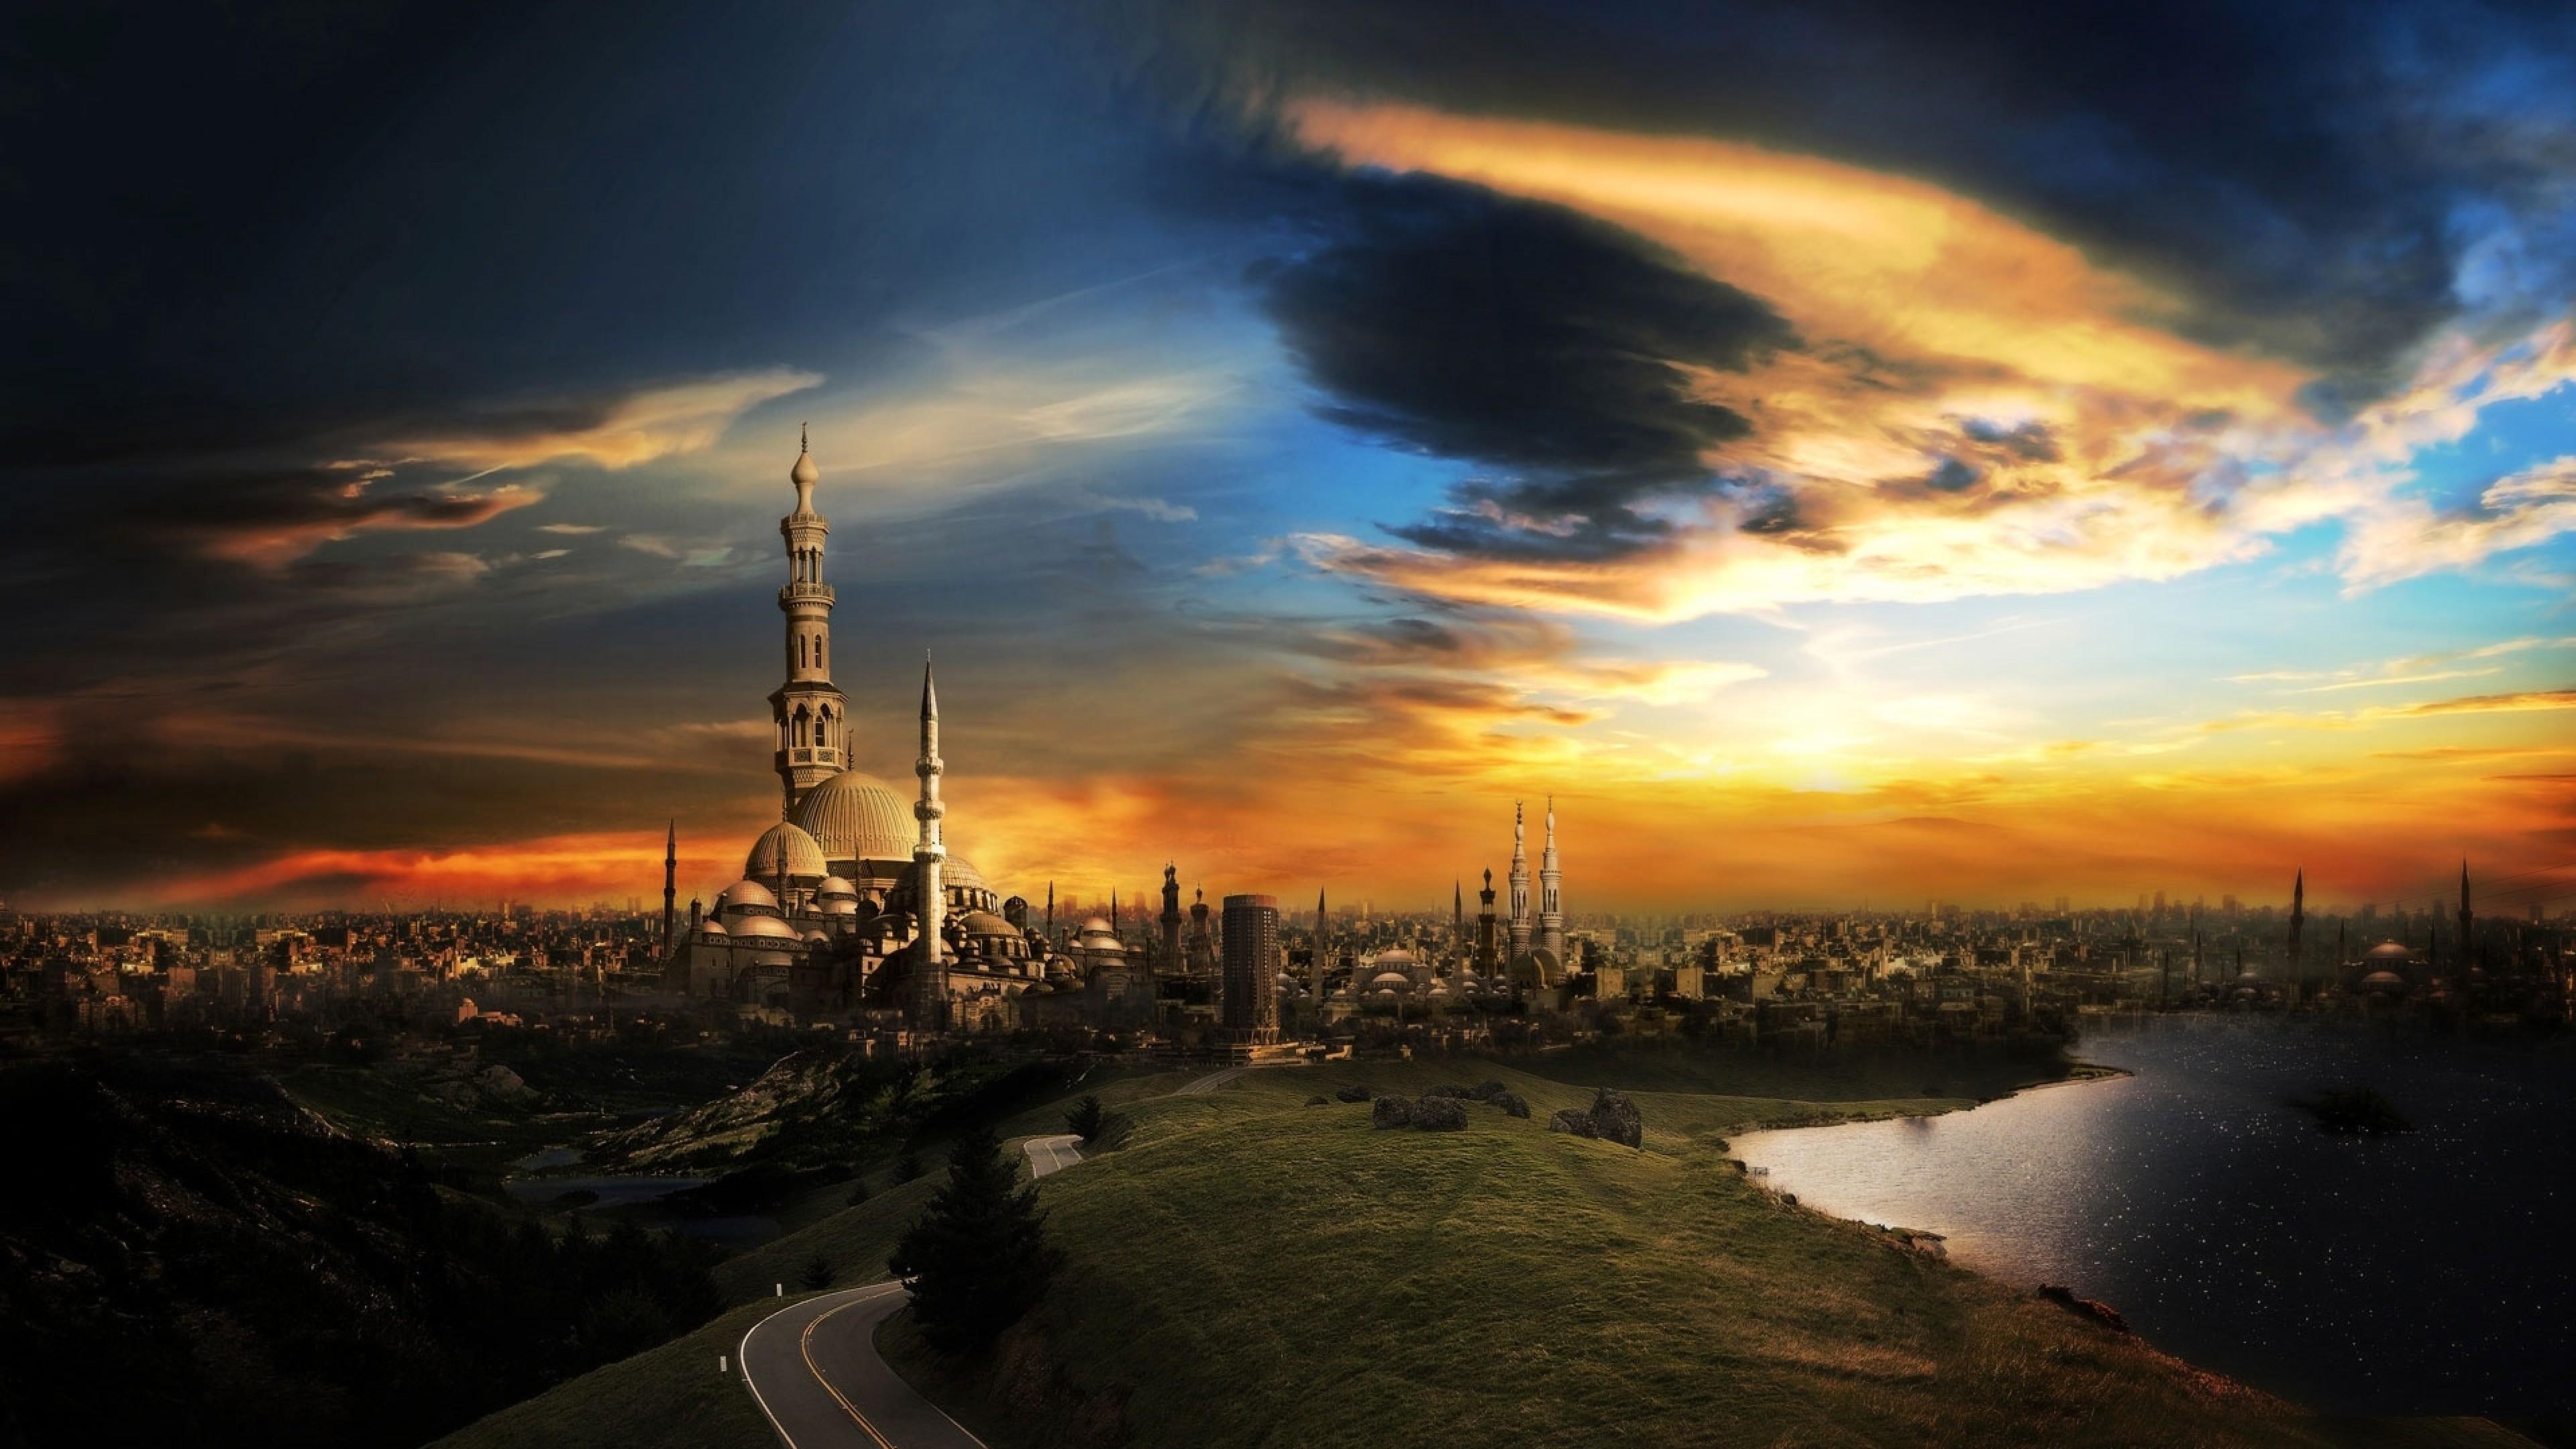 … Background 4K Ultra HD. Wallpaper islam, mosque, city, sunset